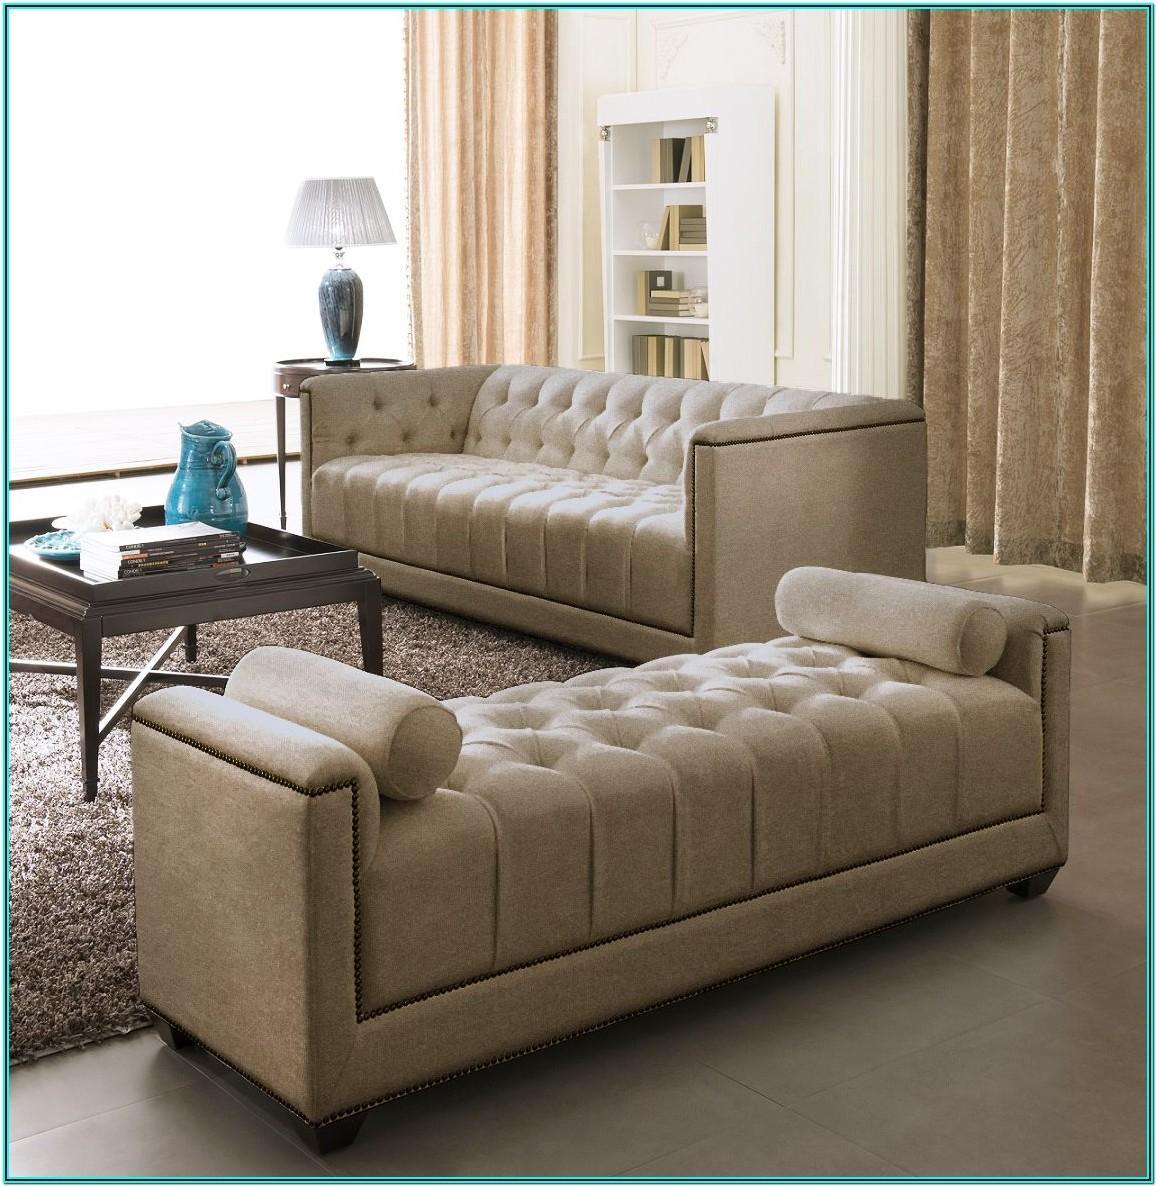 Living Room Set Design Ideas